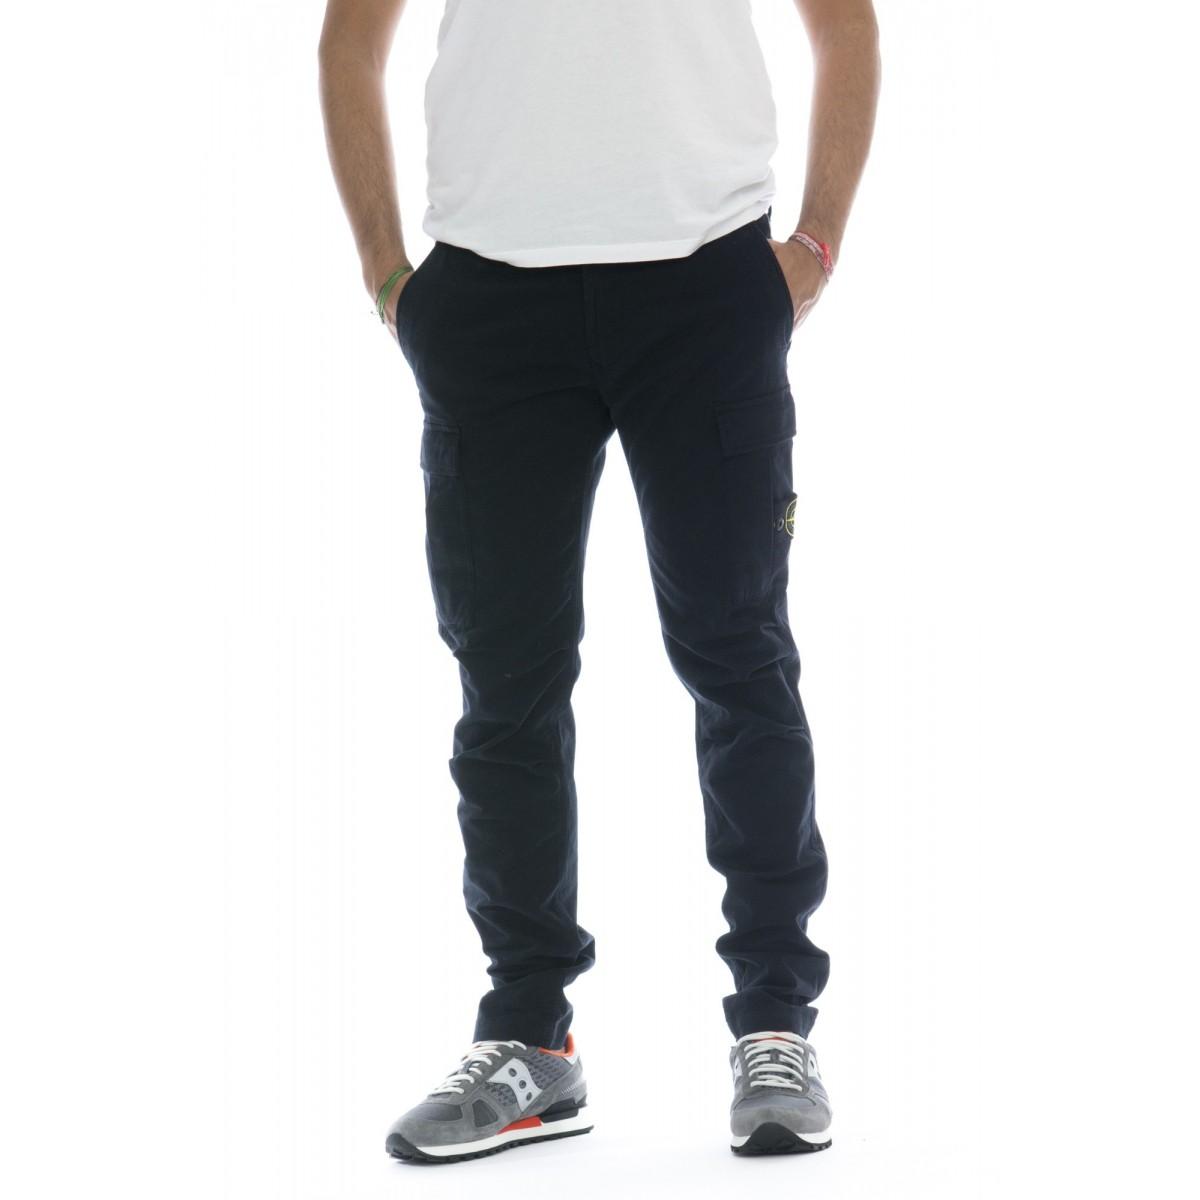 Pants Man- 3s206